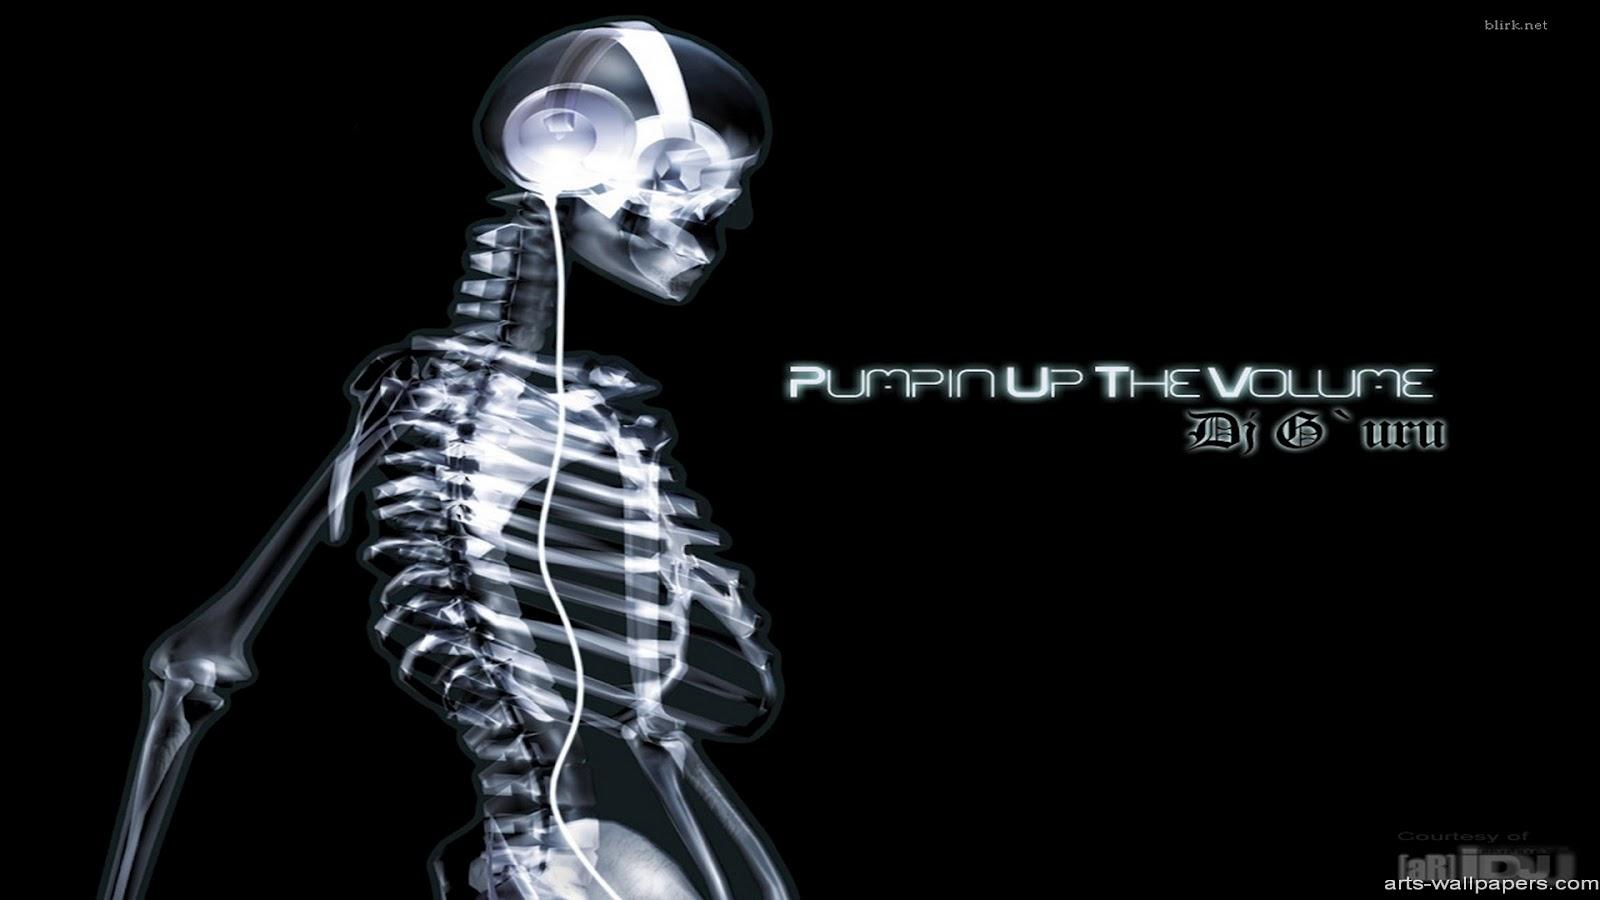 http://4.bp.blogspot.com/-W_sRkwkuOi4/T03vNdBpaqI/AAAAAAAAHus/a3myZ0T4tsI/s1600/DJ-Wallpaper-HD%2BSkellton.jpg